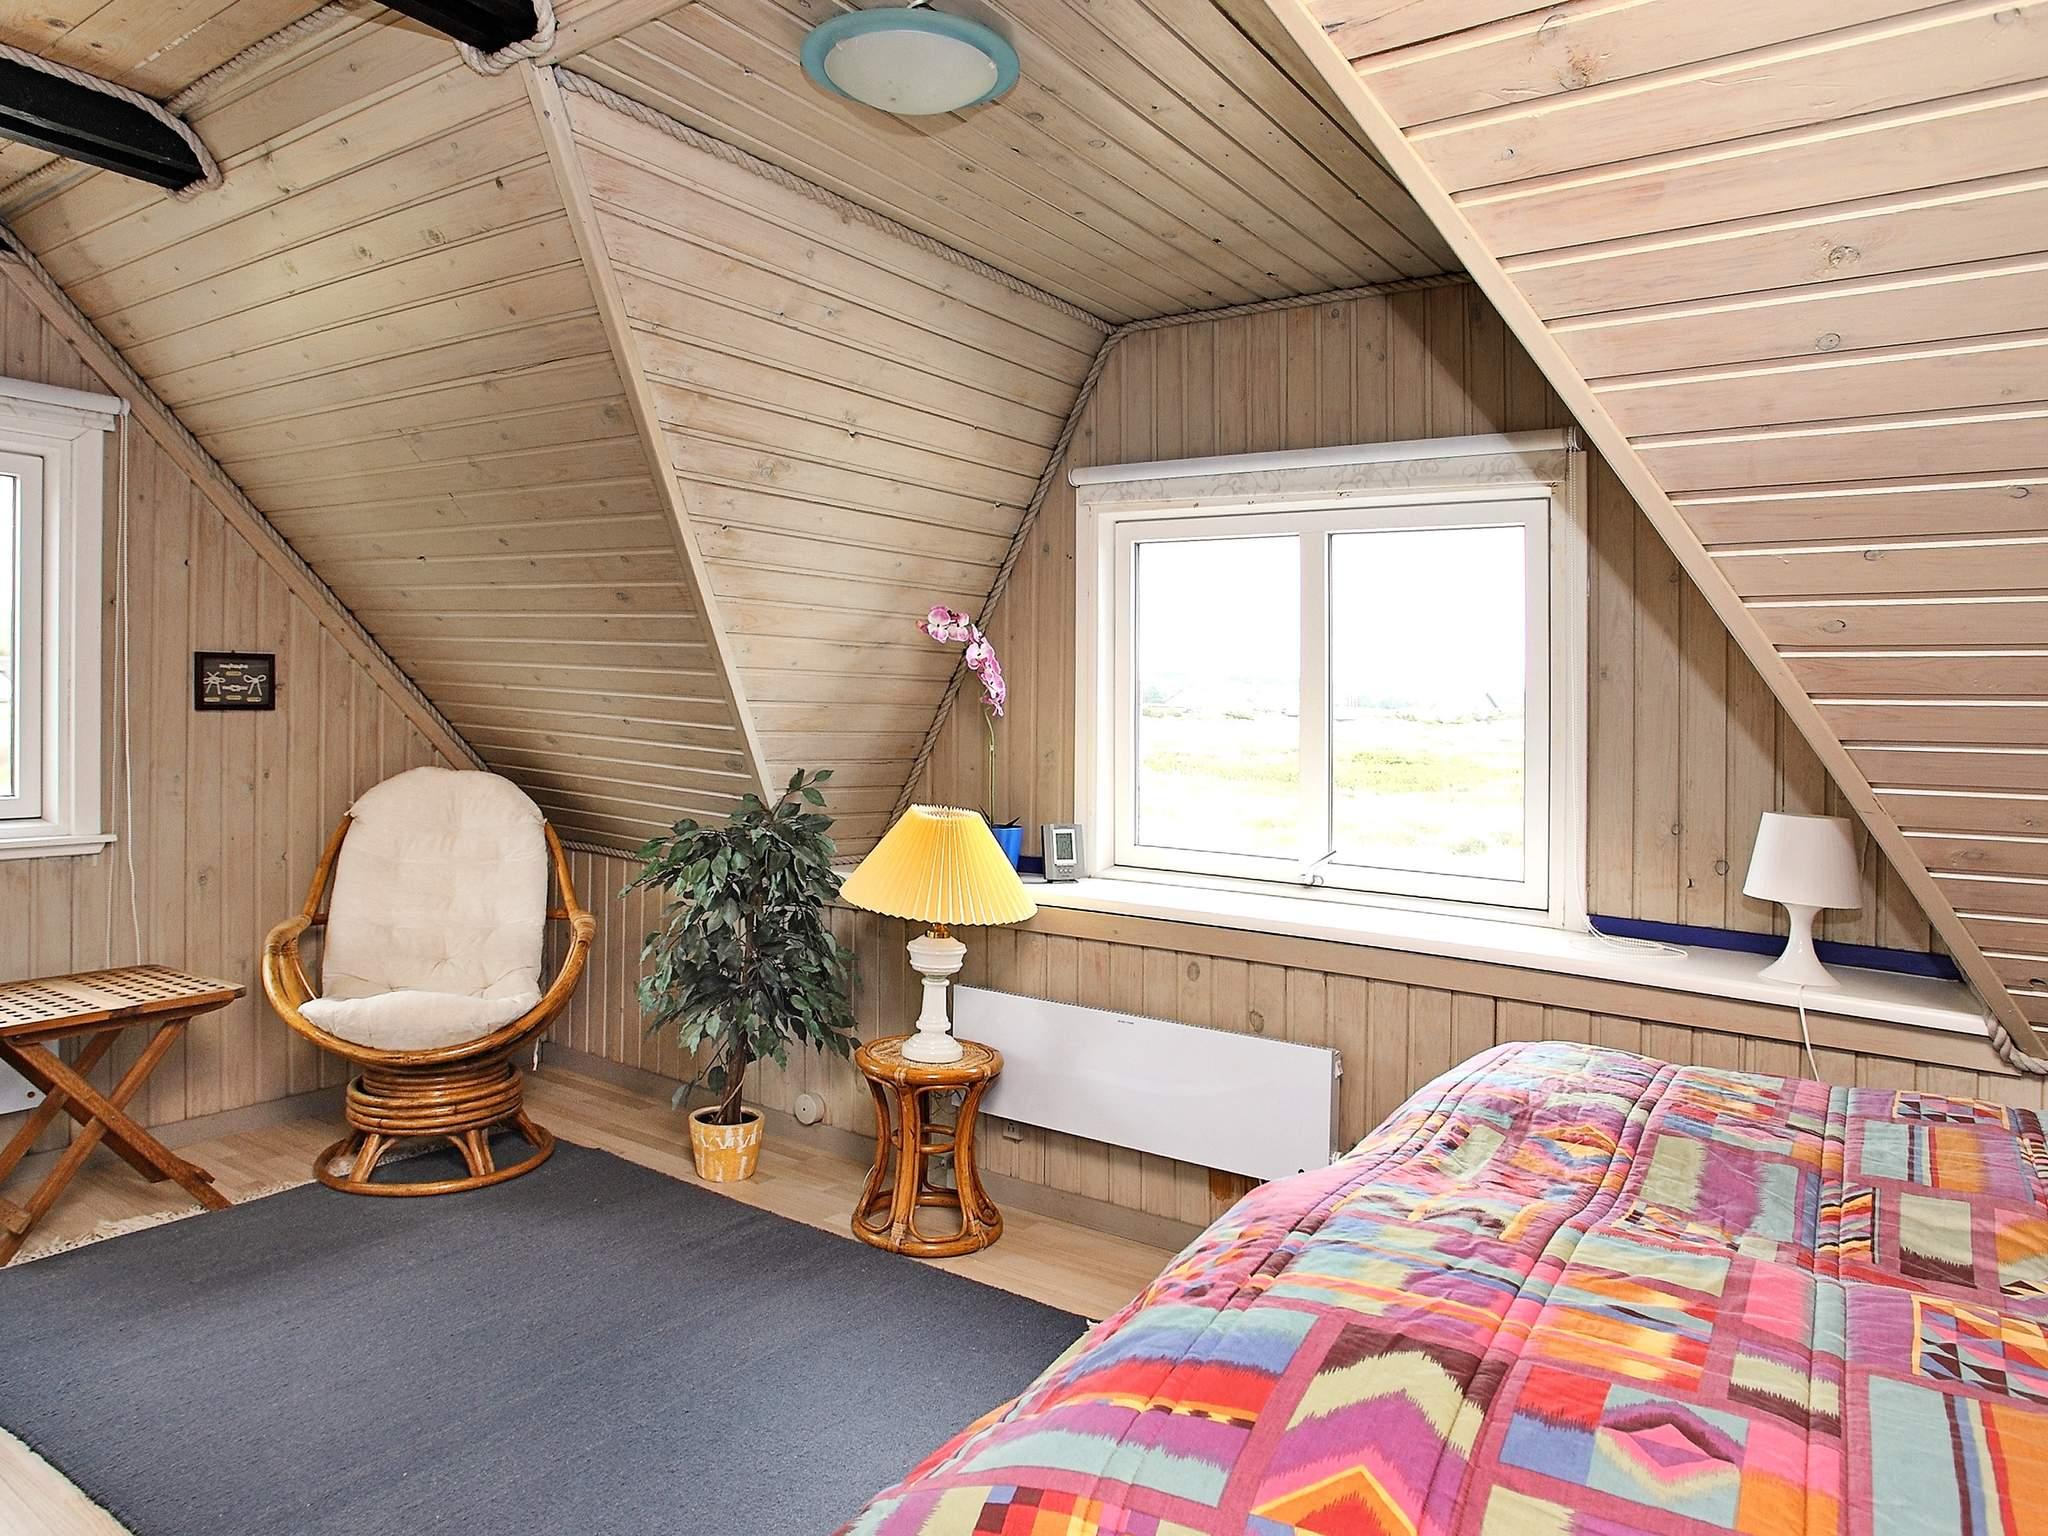 Ferienhaus Blokhus (84949), Blokhus, , Nordwestjütland, Dänemark, Bild 8